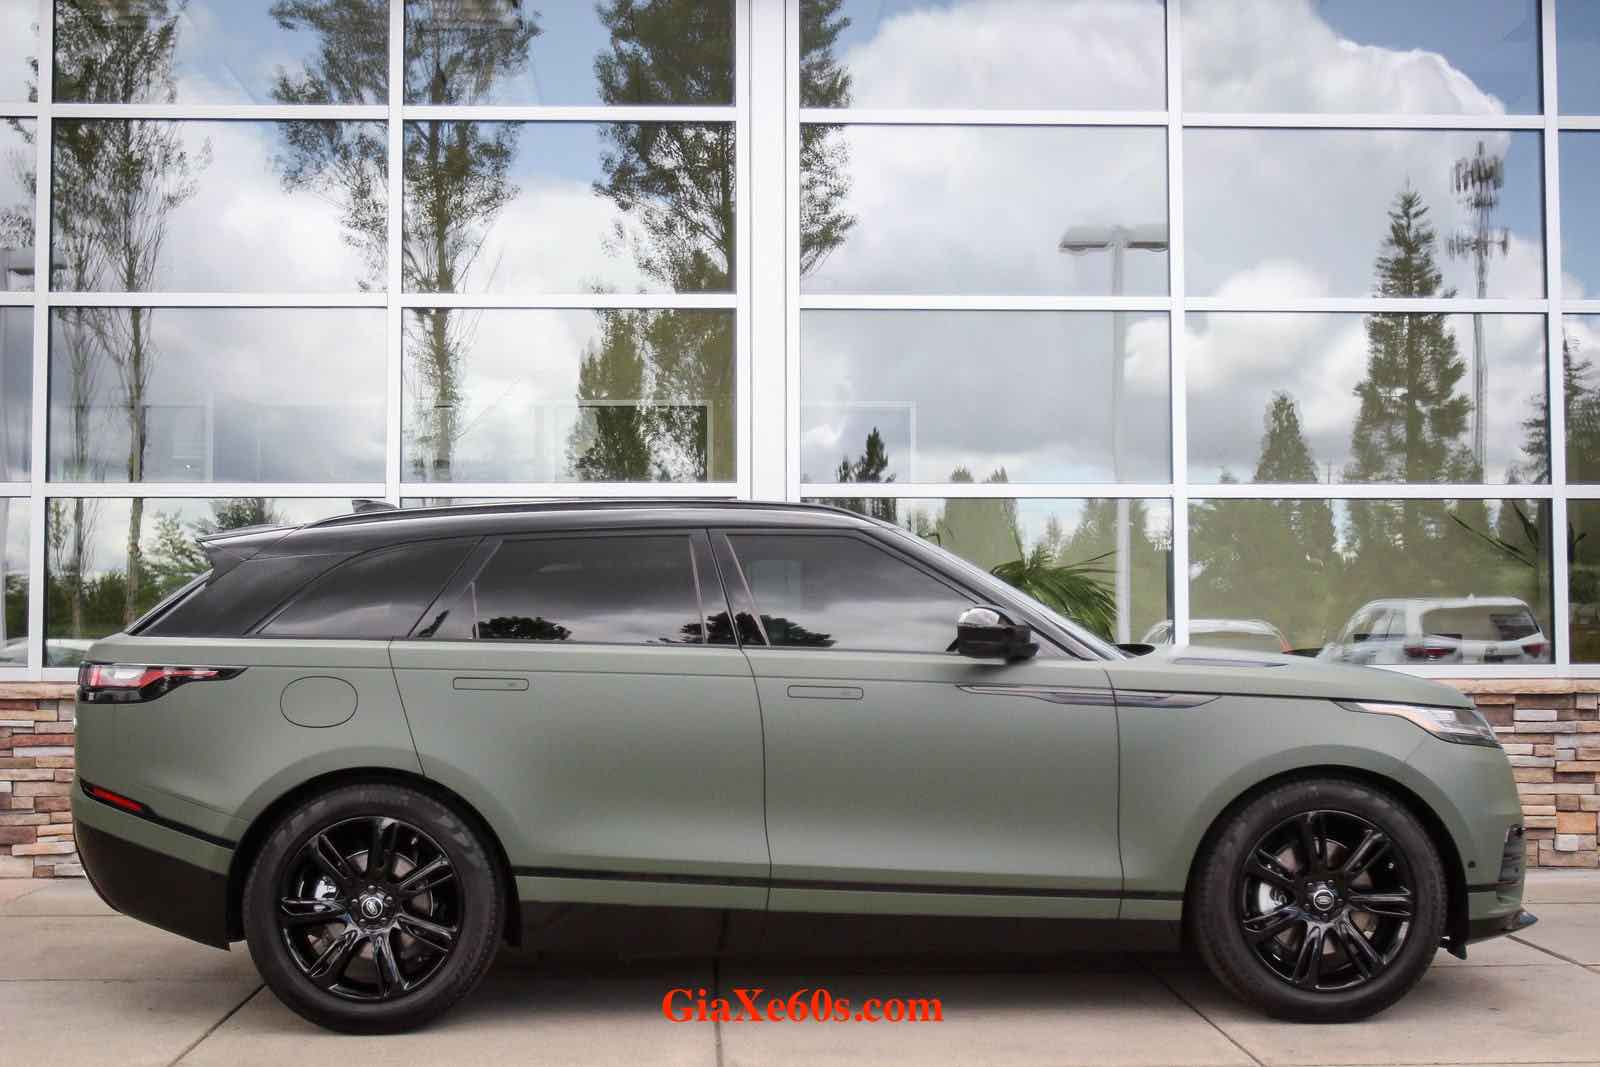 Mẫu Range Rover Của Nước Nào Sản Xuất Và Bao Nhiêu Tiền - Velar R-dynamic SE 3.0 V6 màu xám xanh